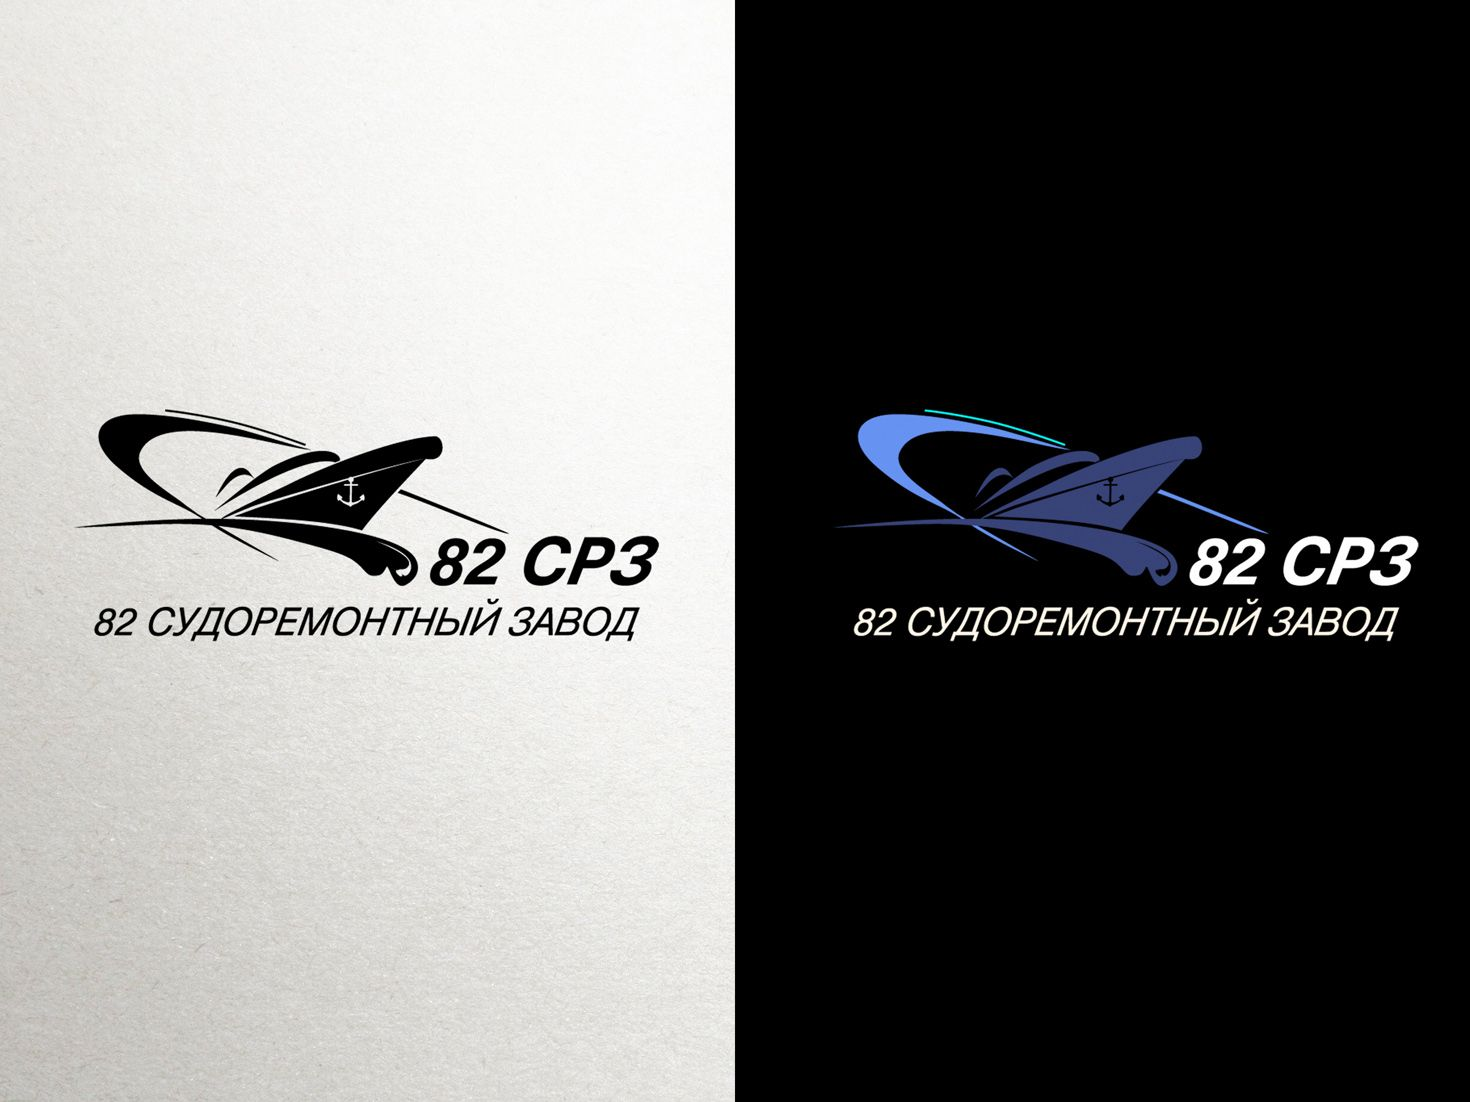 Логотип для судоремонтного завода - дизайнер il-in